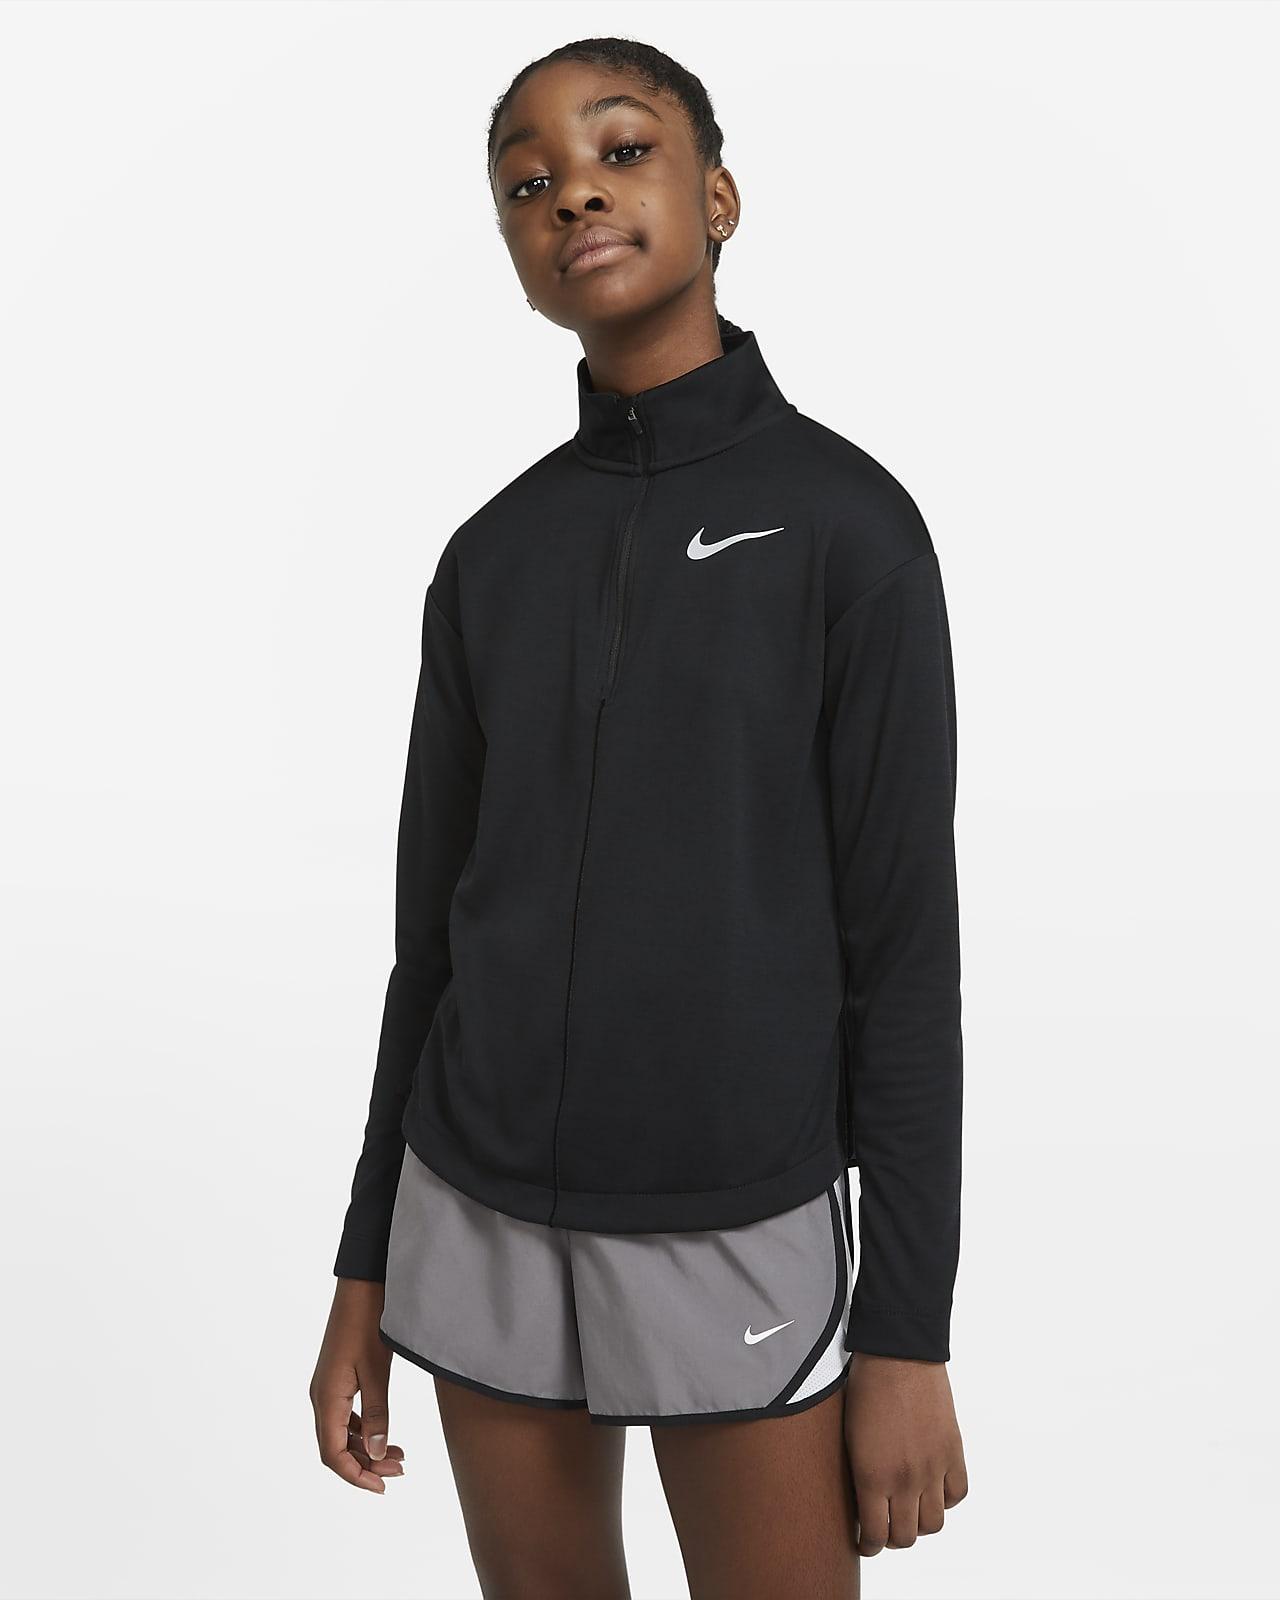 Беговая футболка с длинным рукавом и молнией на половину длины для девочек школьного возраста Nike